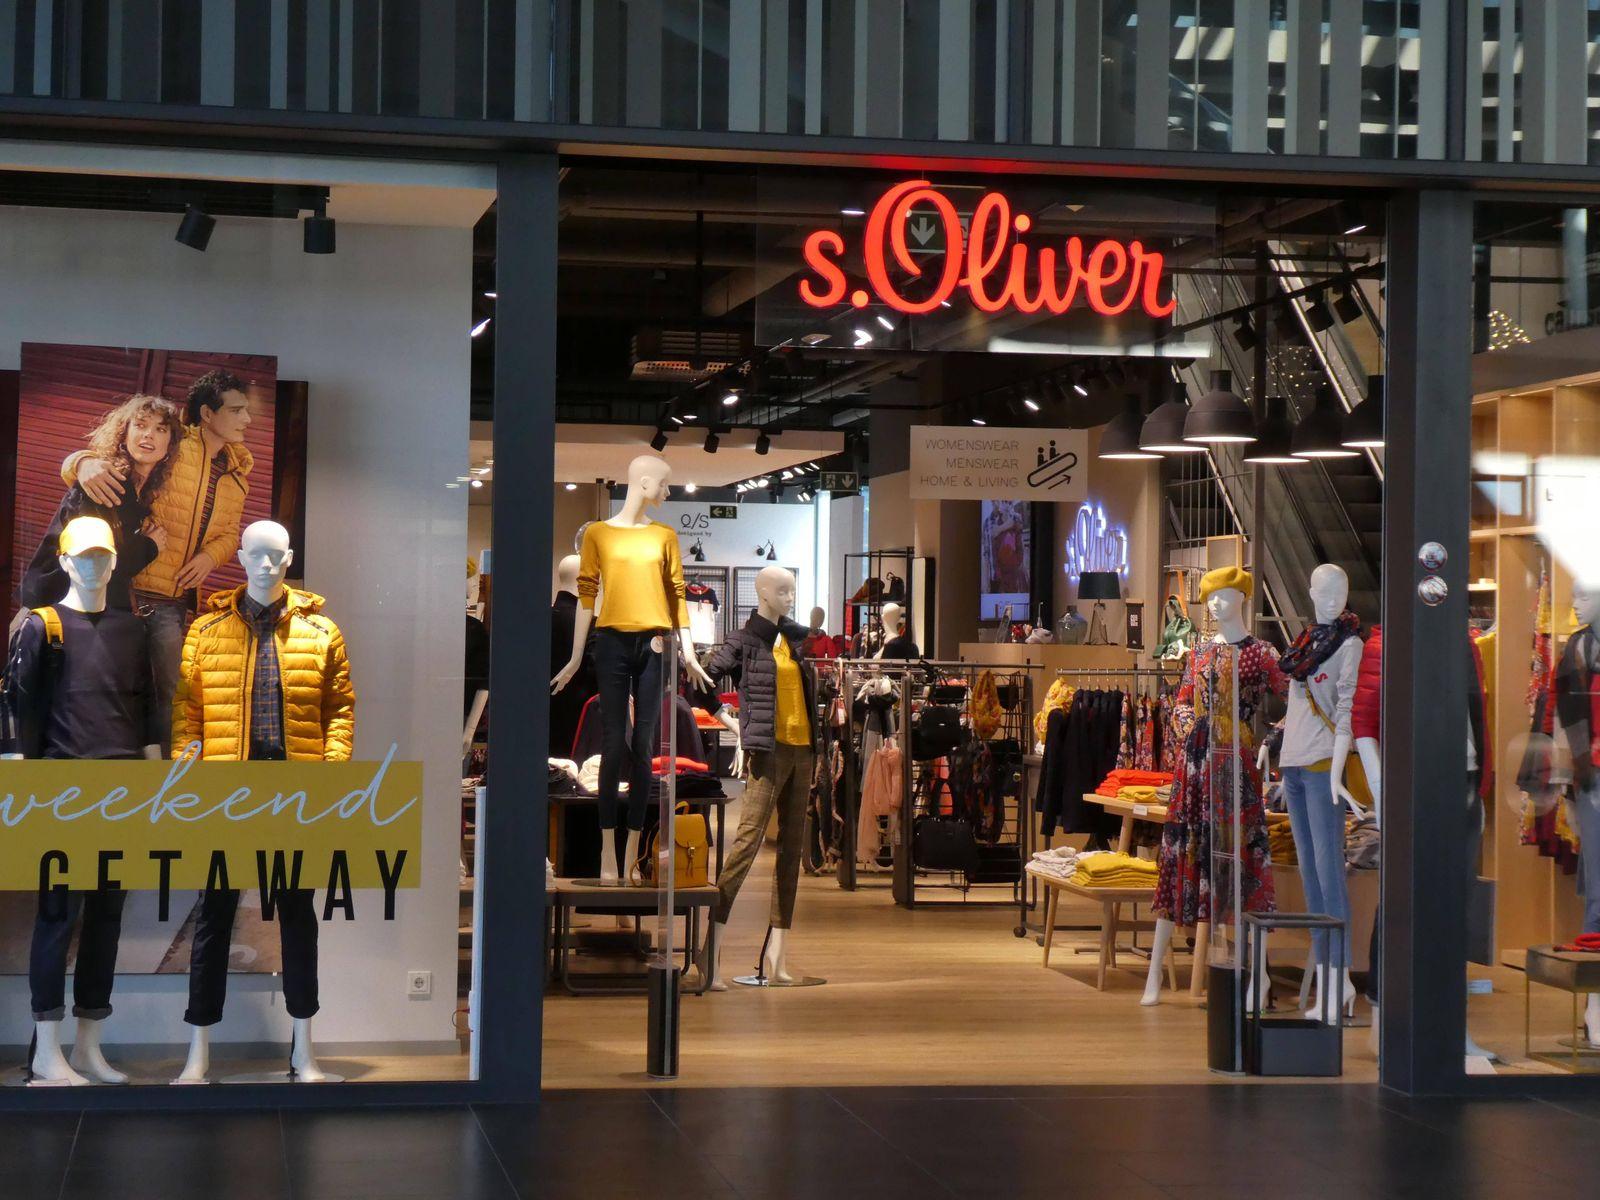 Eingang zu einer Filiale des Bekleidungshersteller und Modehaus s Oliver *** Entrance to a branch of